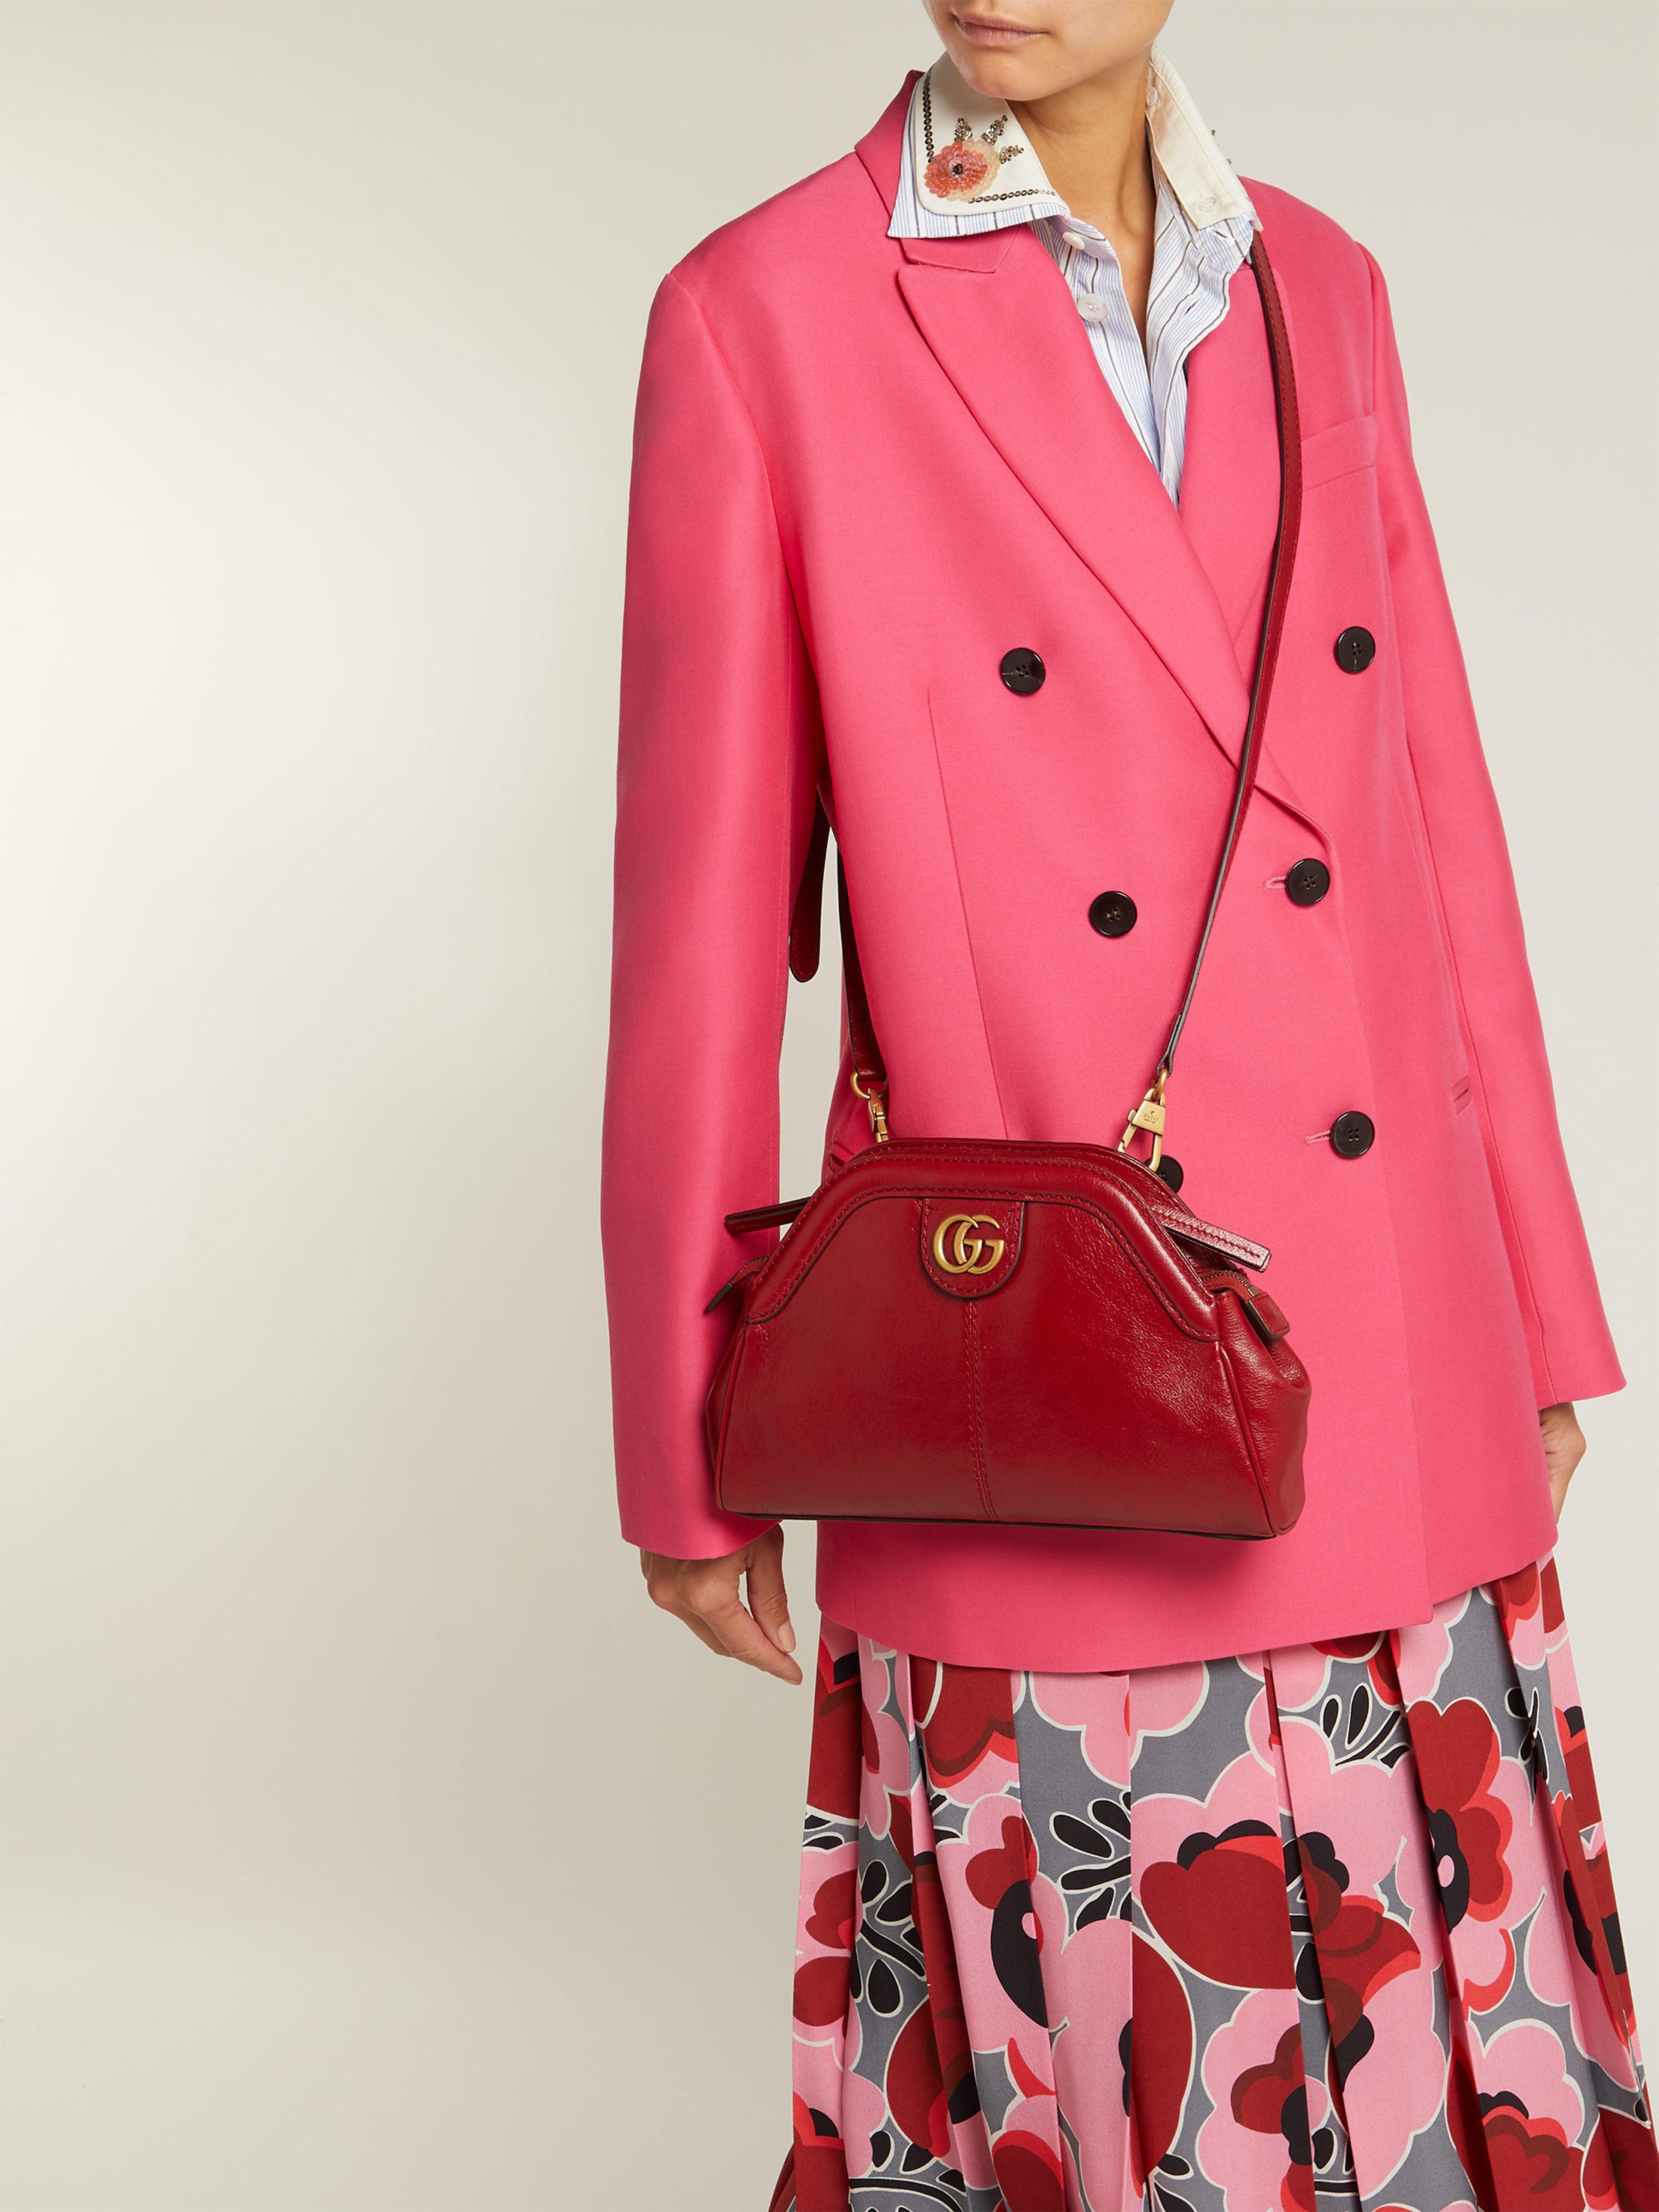 Gucci - Red Sac bandoulière en cuir Re(belle) - Lyst. Afficher en plein  écran 59f3d4758e4